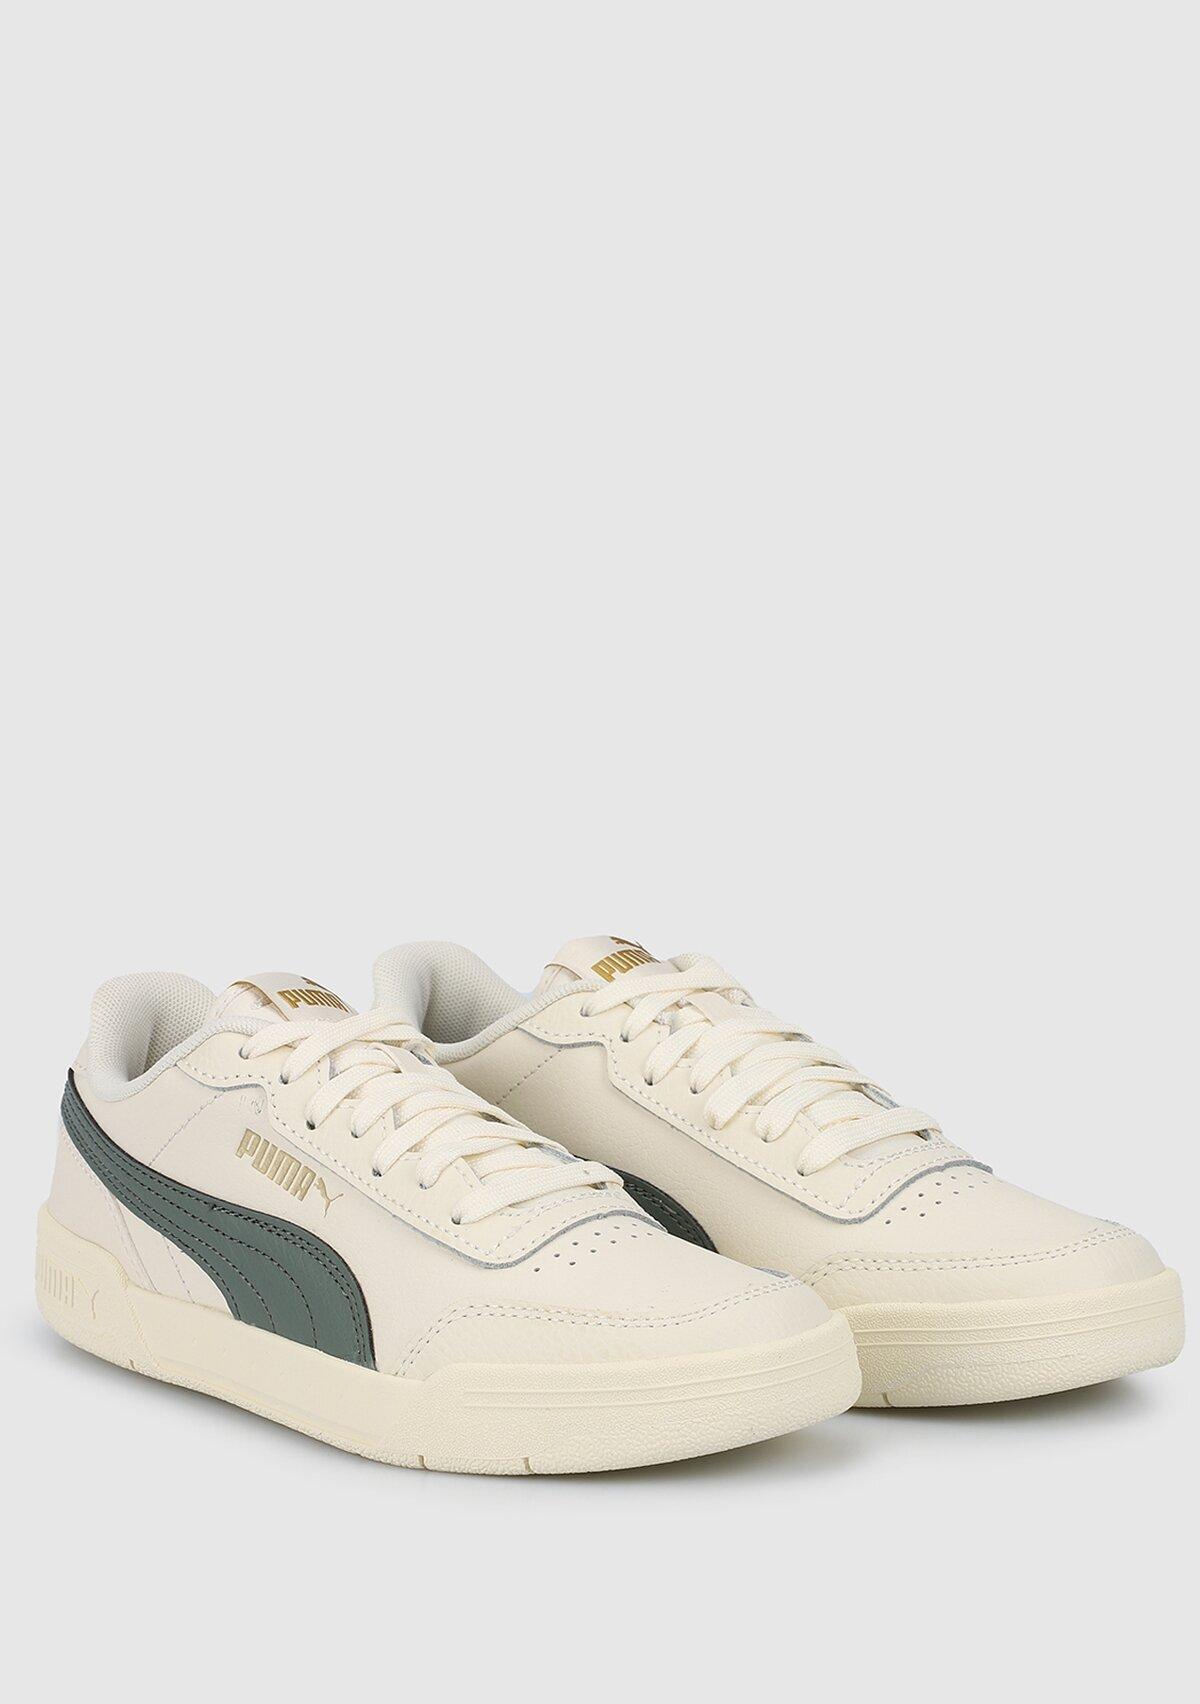 resm Caracal Whisper White-Balsam Green Bej Kadın Sneaker 36986335